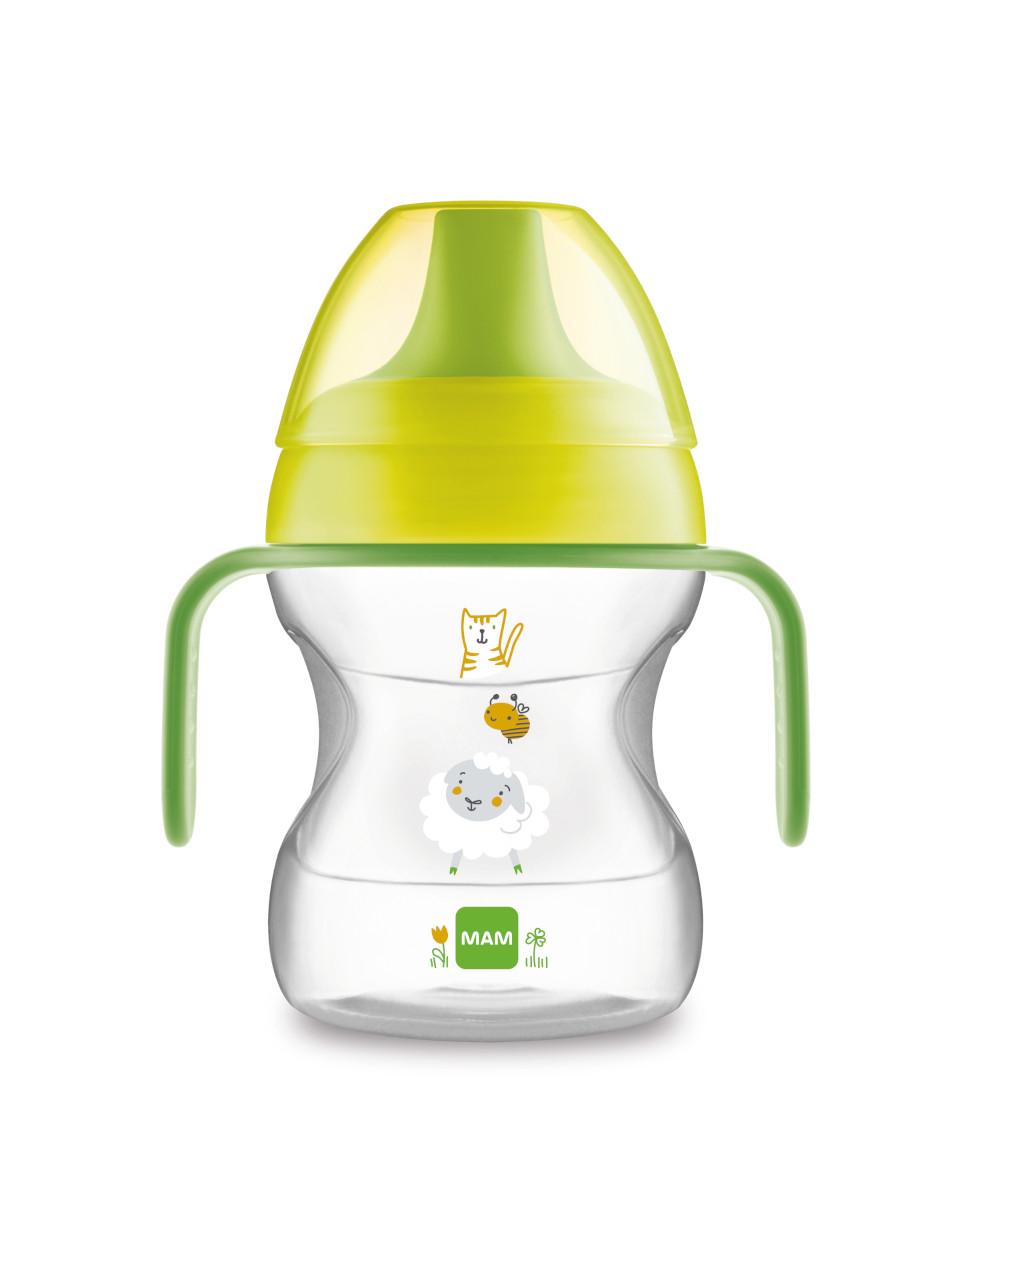 Tazza learn to drink 190ml con extra soft spout e con manici, neutro - Mam